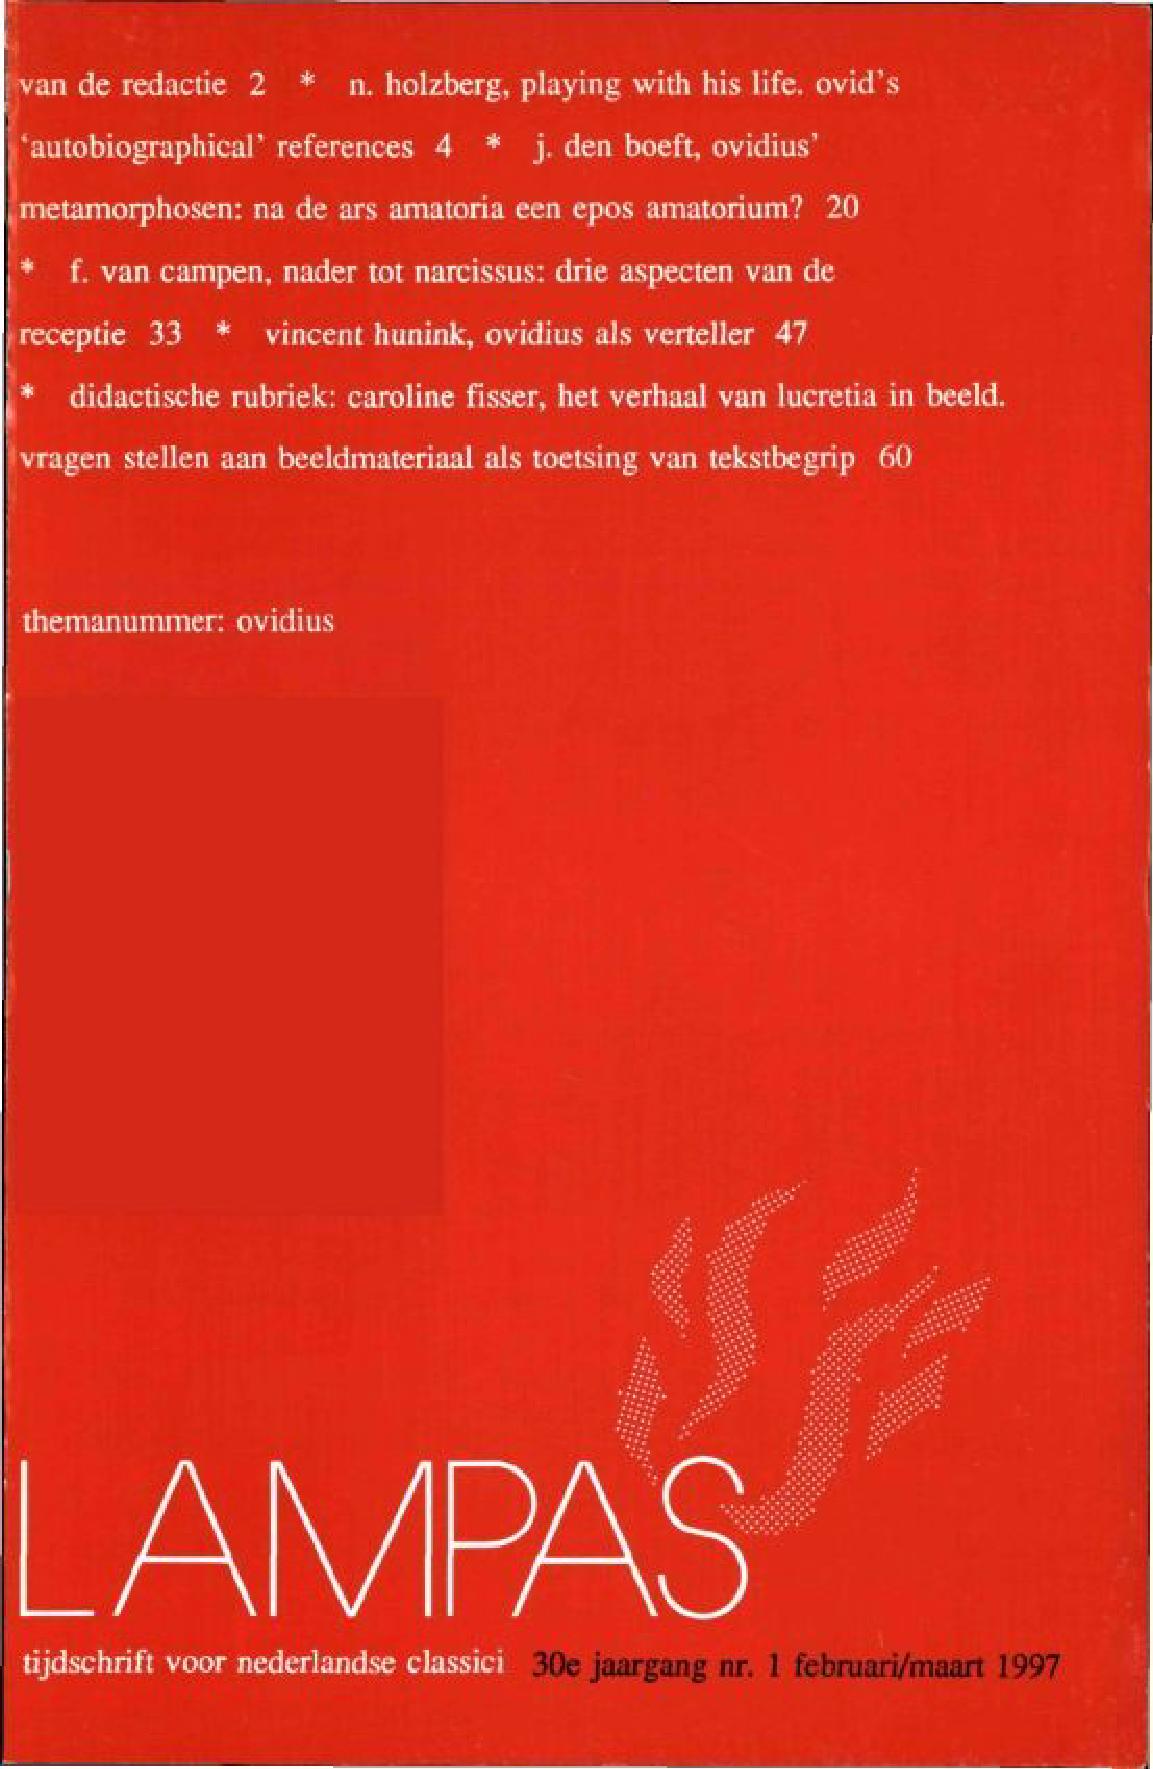 Lampas Tijdschrift Voor Nederlandse Classici Digitale Bibliotheek